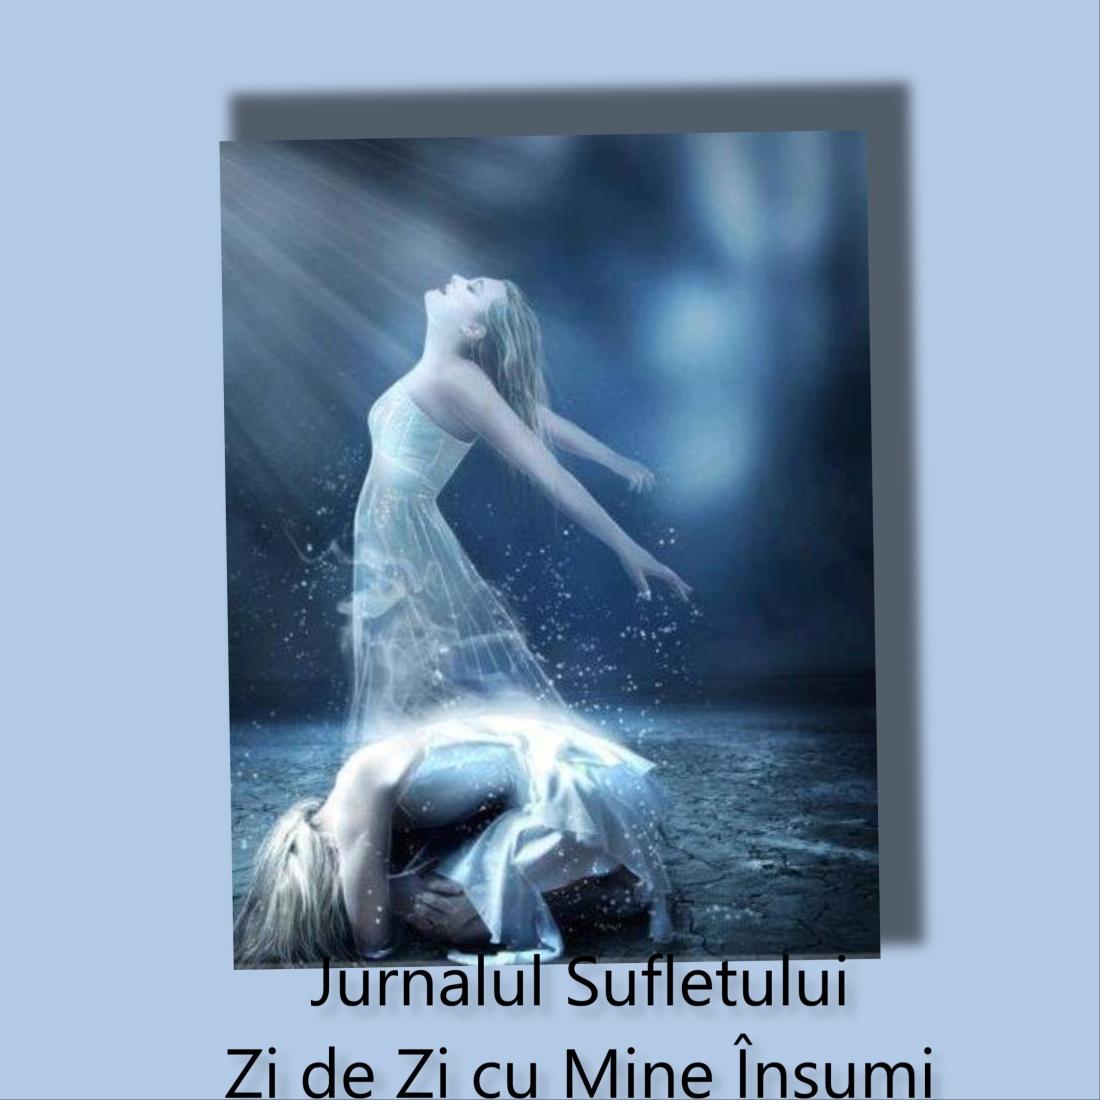 jurnalul sufletului